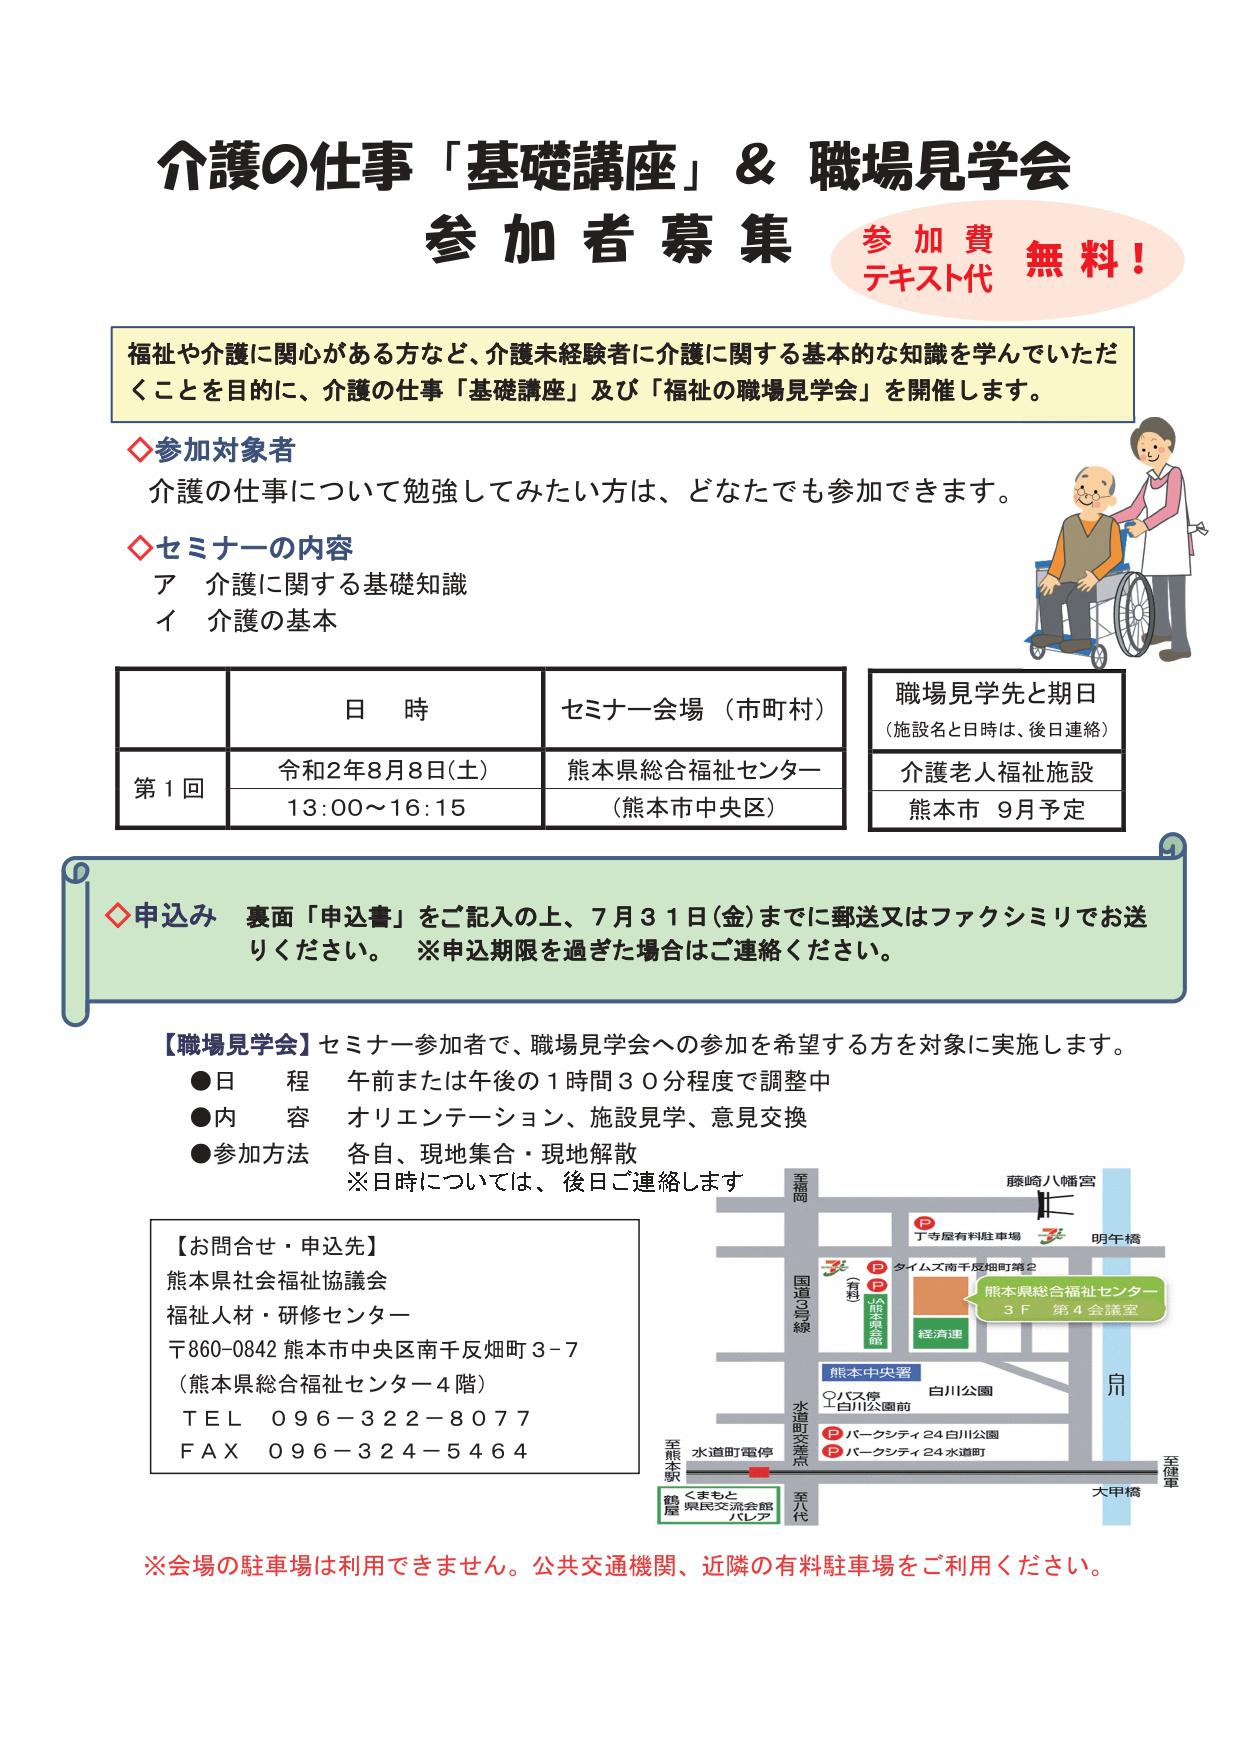 介護の仕事「基礎講座」&職場見学会 熊本県社会福祉協議会